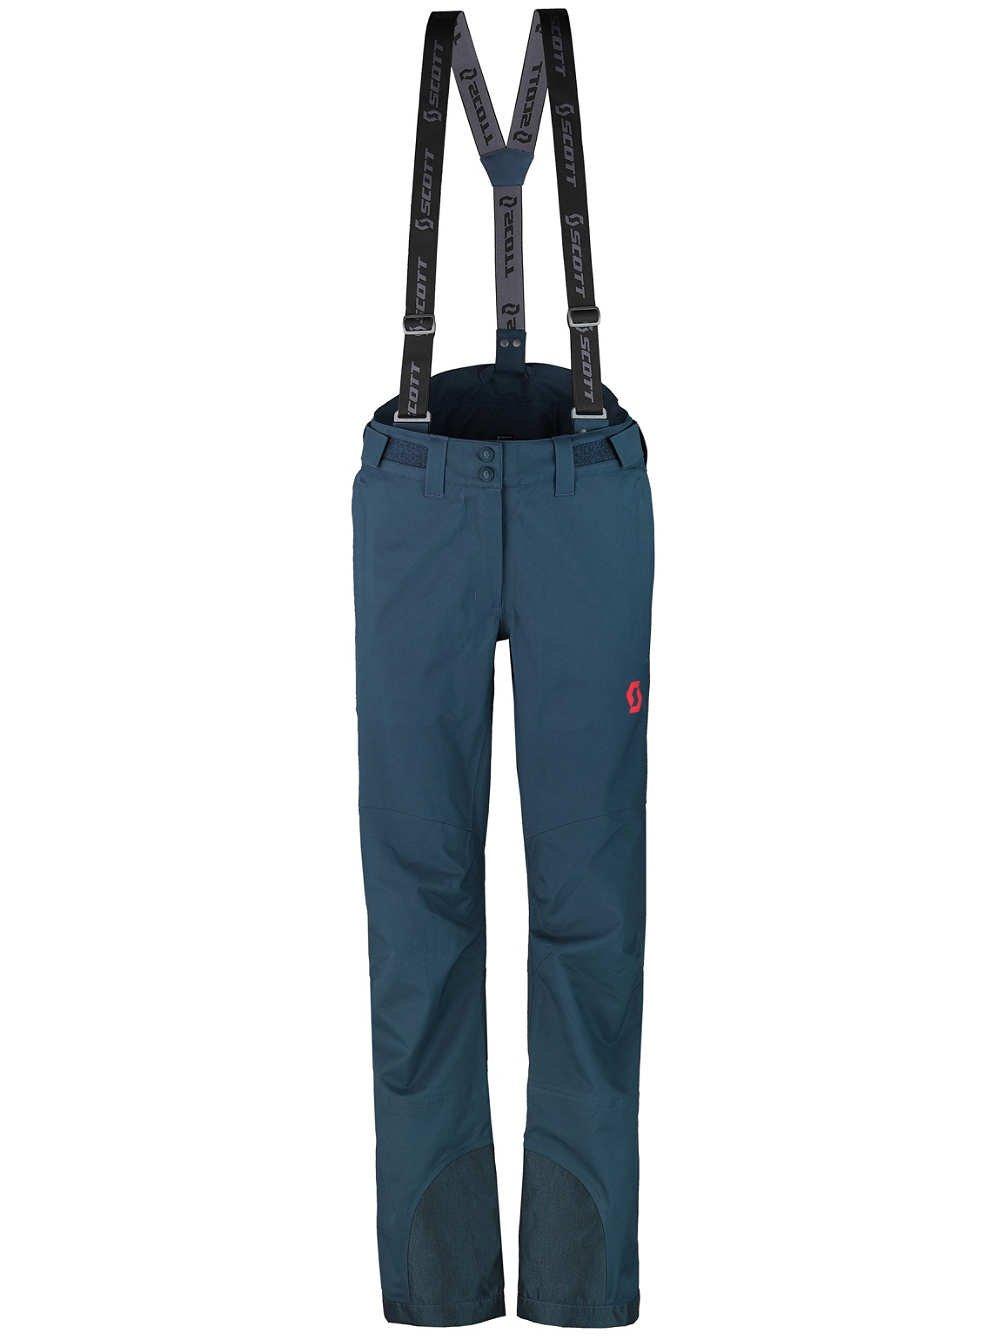 Donna Pantaloni Pantaloni Pantaloni Da Snowboard Scott Expl orair 3L Hose, Donna, rosso rubino, LB072FK8ZBGM nightfall blu | Qualità E Quantità Garantita  | Di Qualità Fine  | Forte calore e resistenza al calore  | Moda  | Il colore è molto evidente  | Bel design  074357